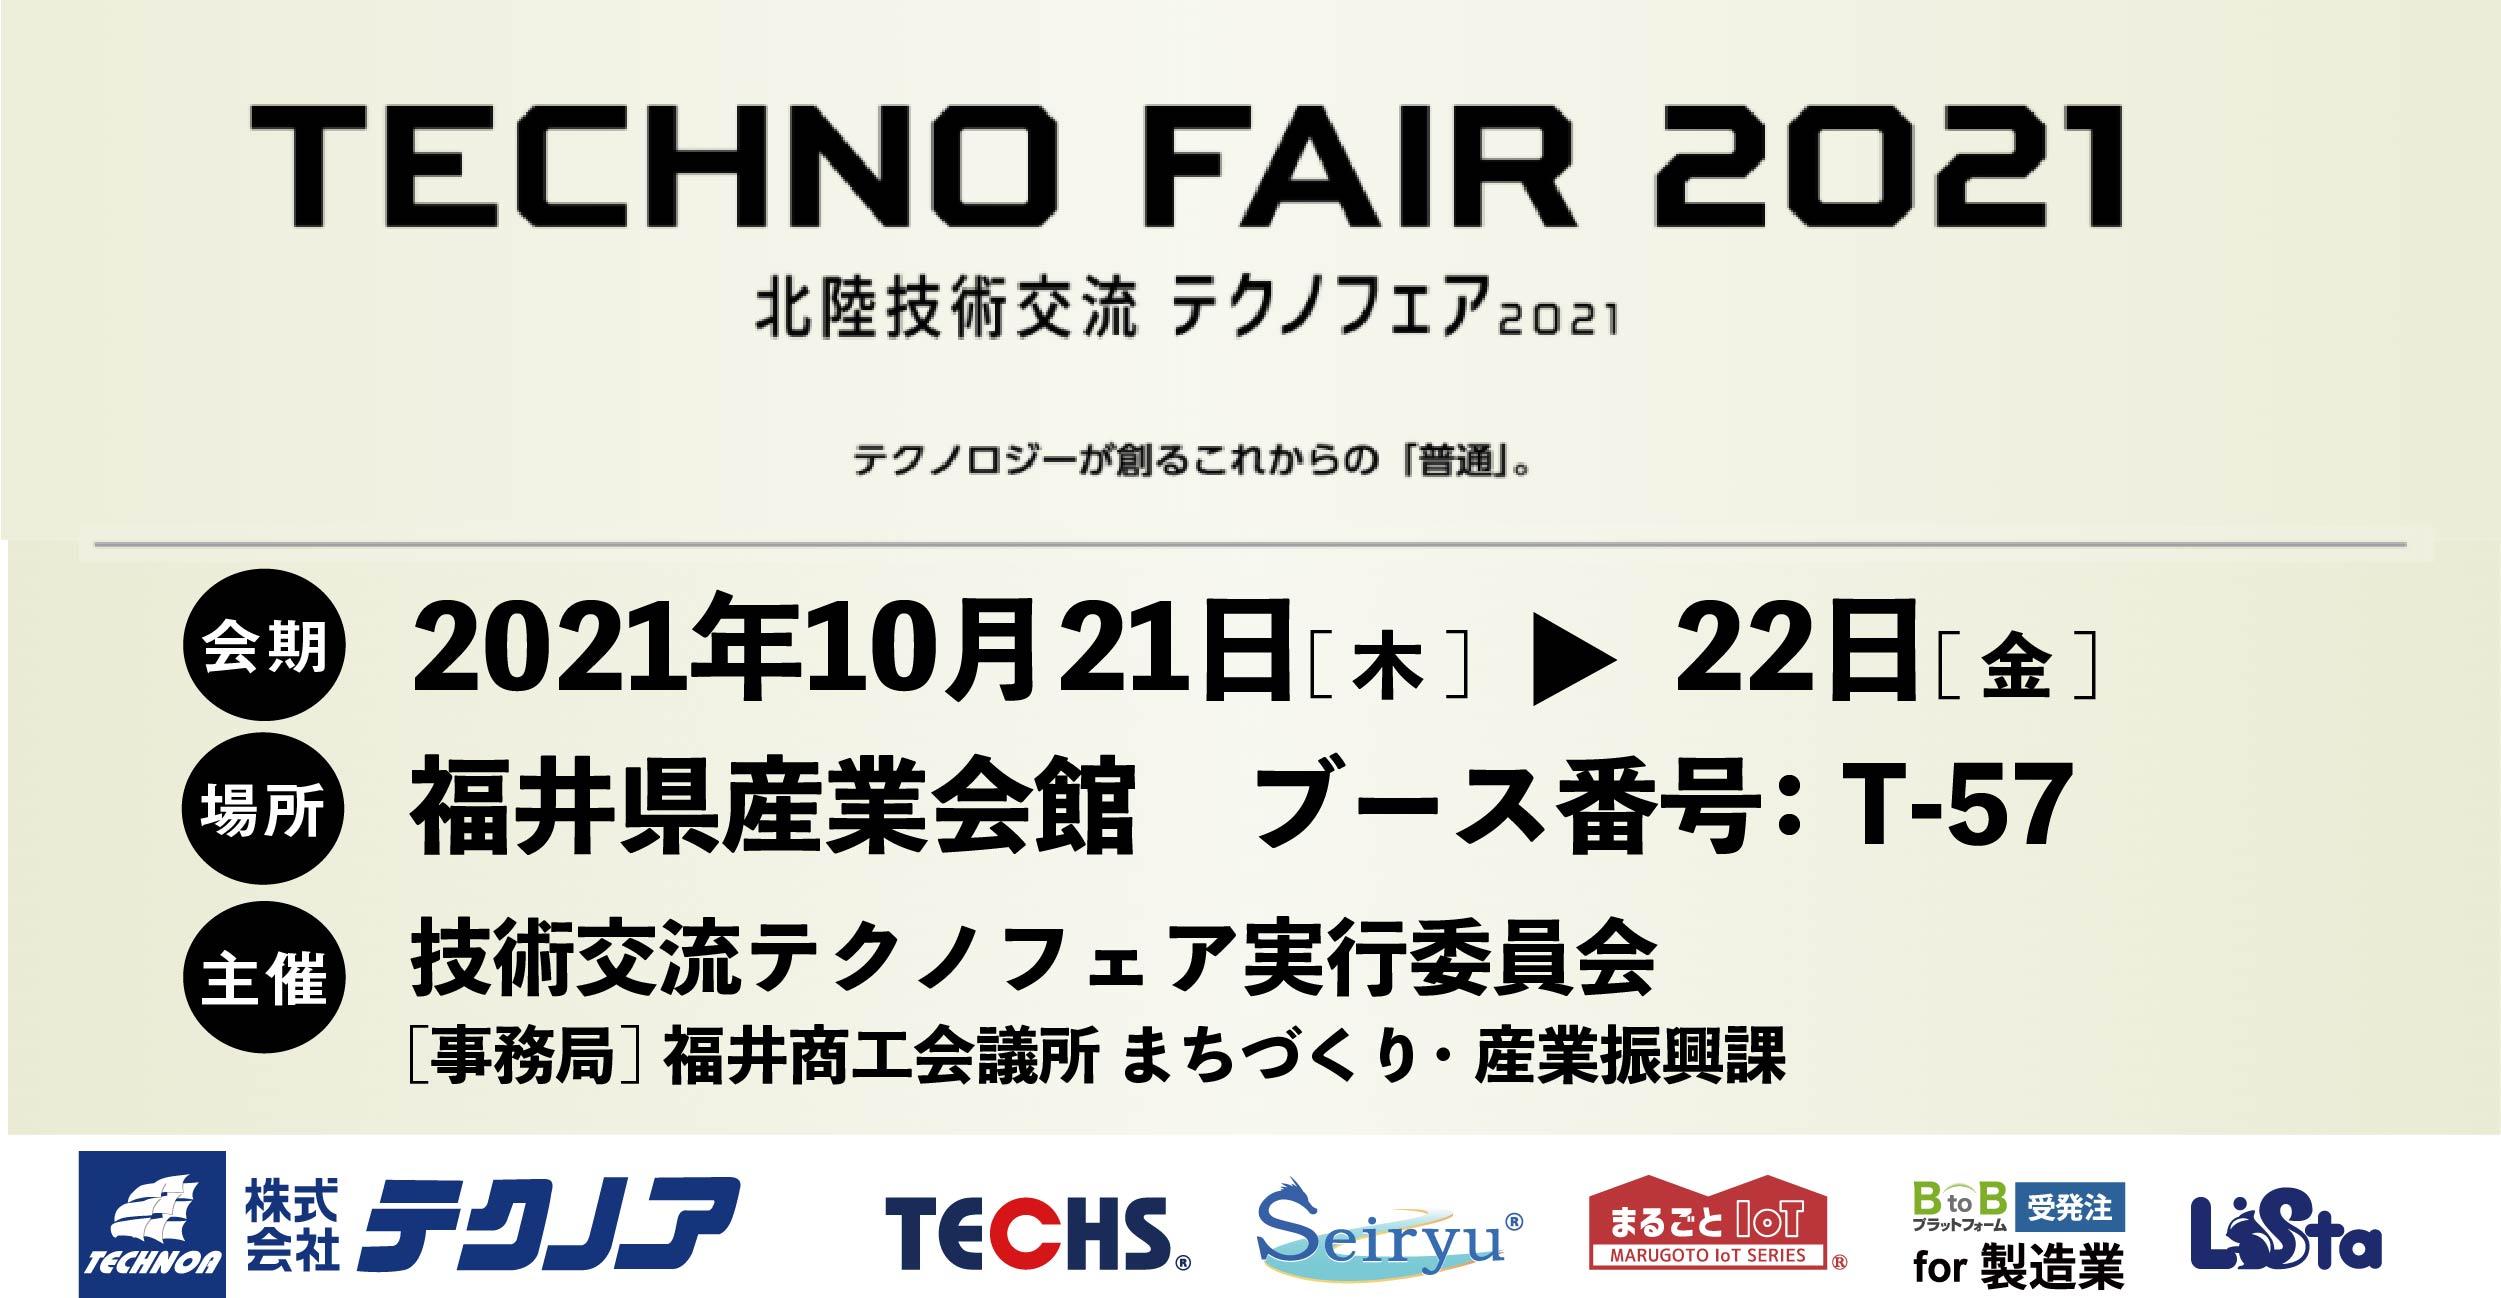 北陸技術交流 テクノフェア2021